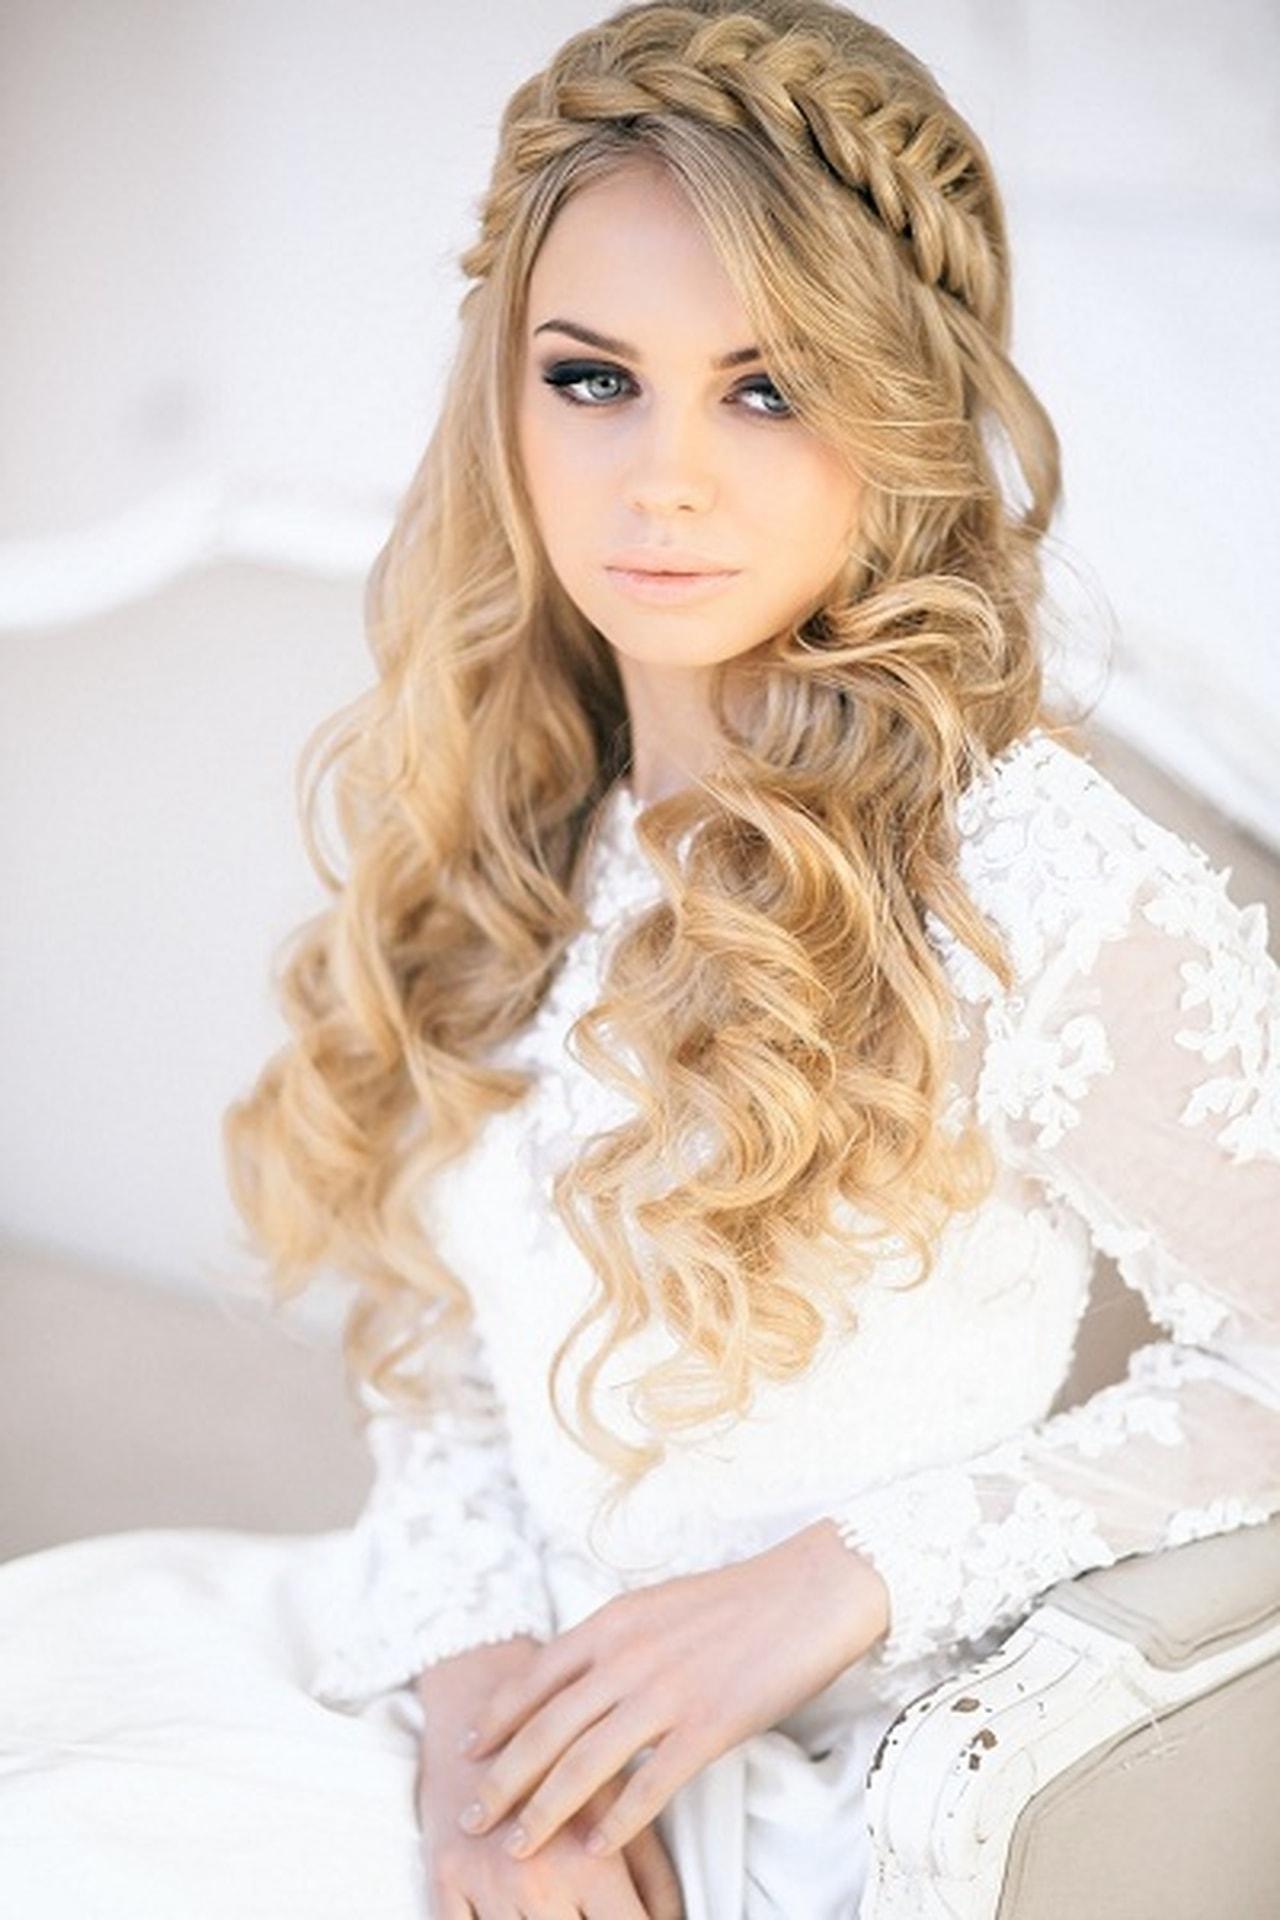 بالصور صور تسريحات شعر عرايس , تسريحات متنوعة ليوم زفافك 799 1